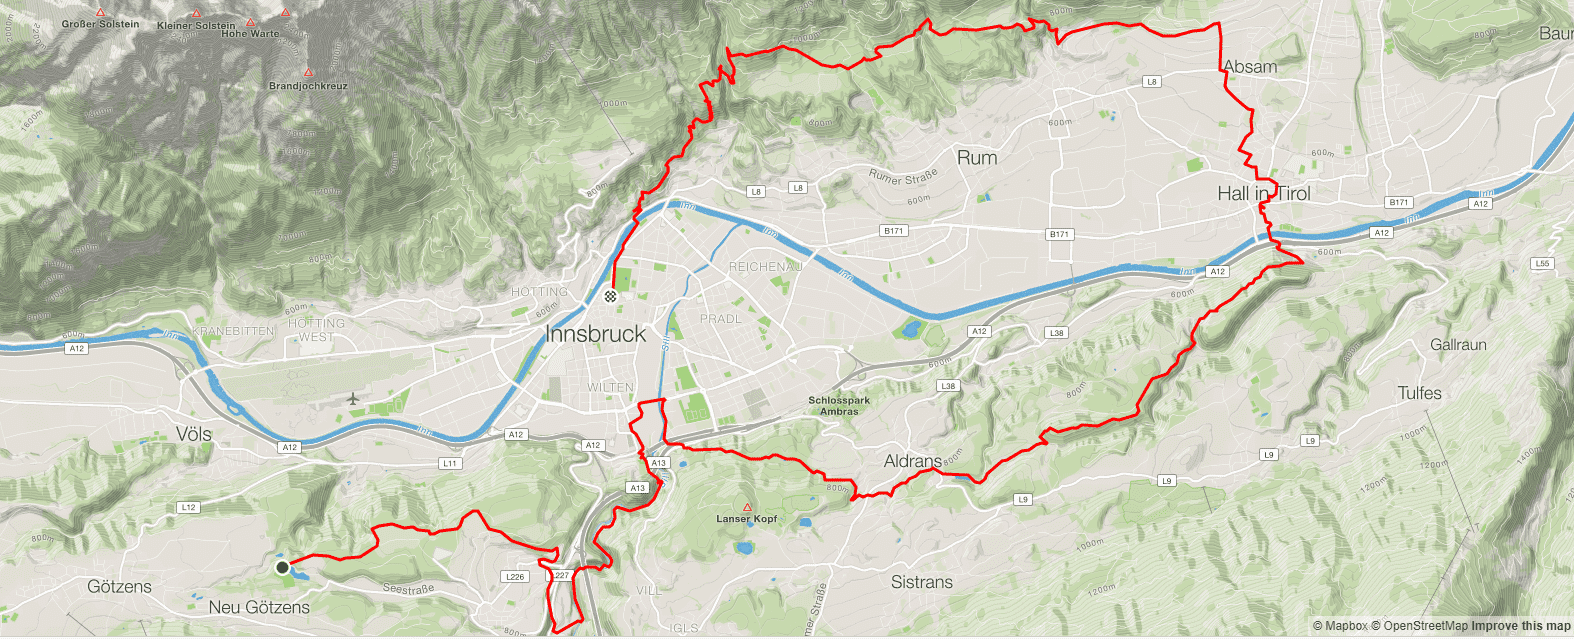 Innsbruck Alpine 2019 K42 Marathon Route Strava